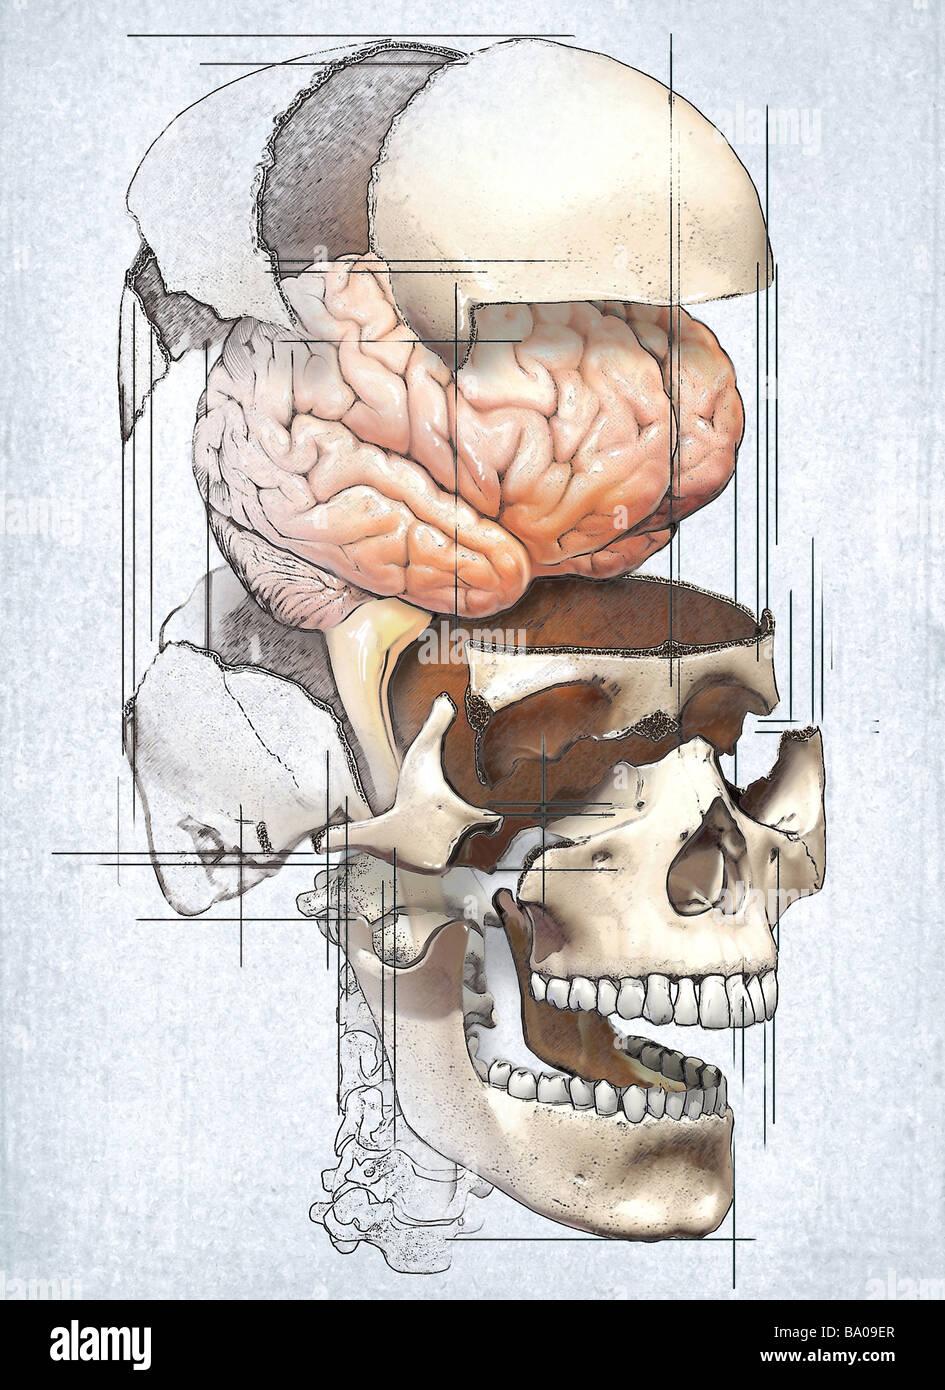 Dieses medizinische Bild zeigt eine Explosionszeichnung des Schädels mit dem Gehirn in einer redaktionellen Stockbild